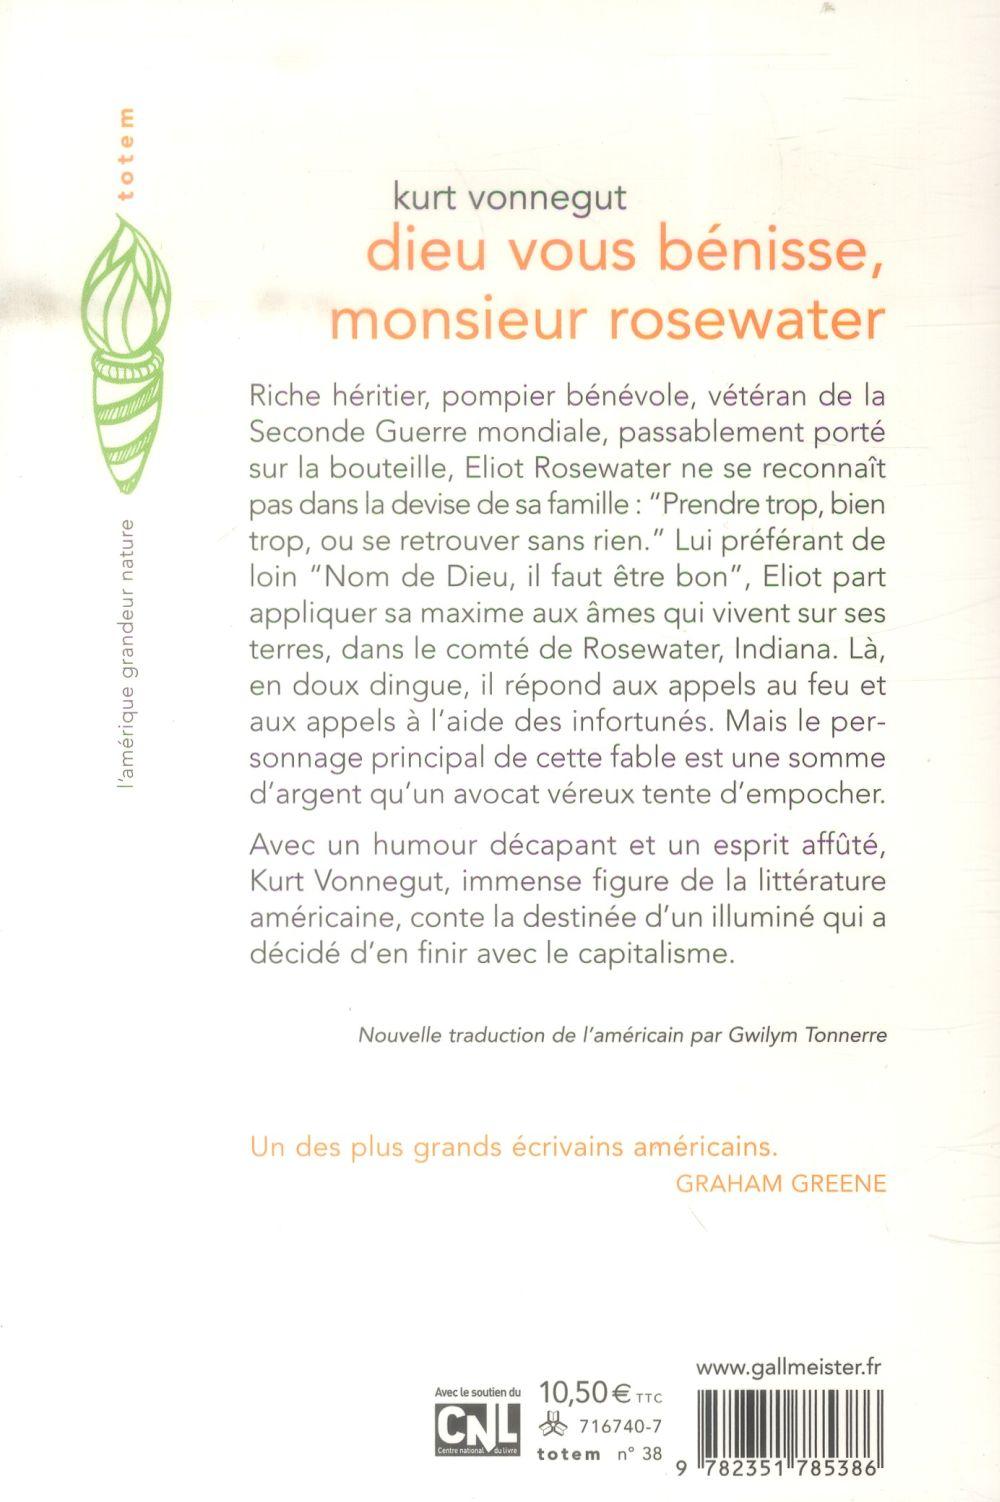 Dieu vous bénisse monsieur rosewater